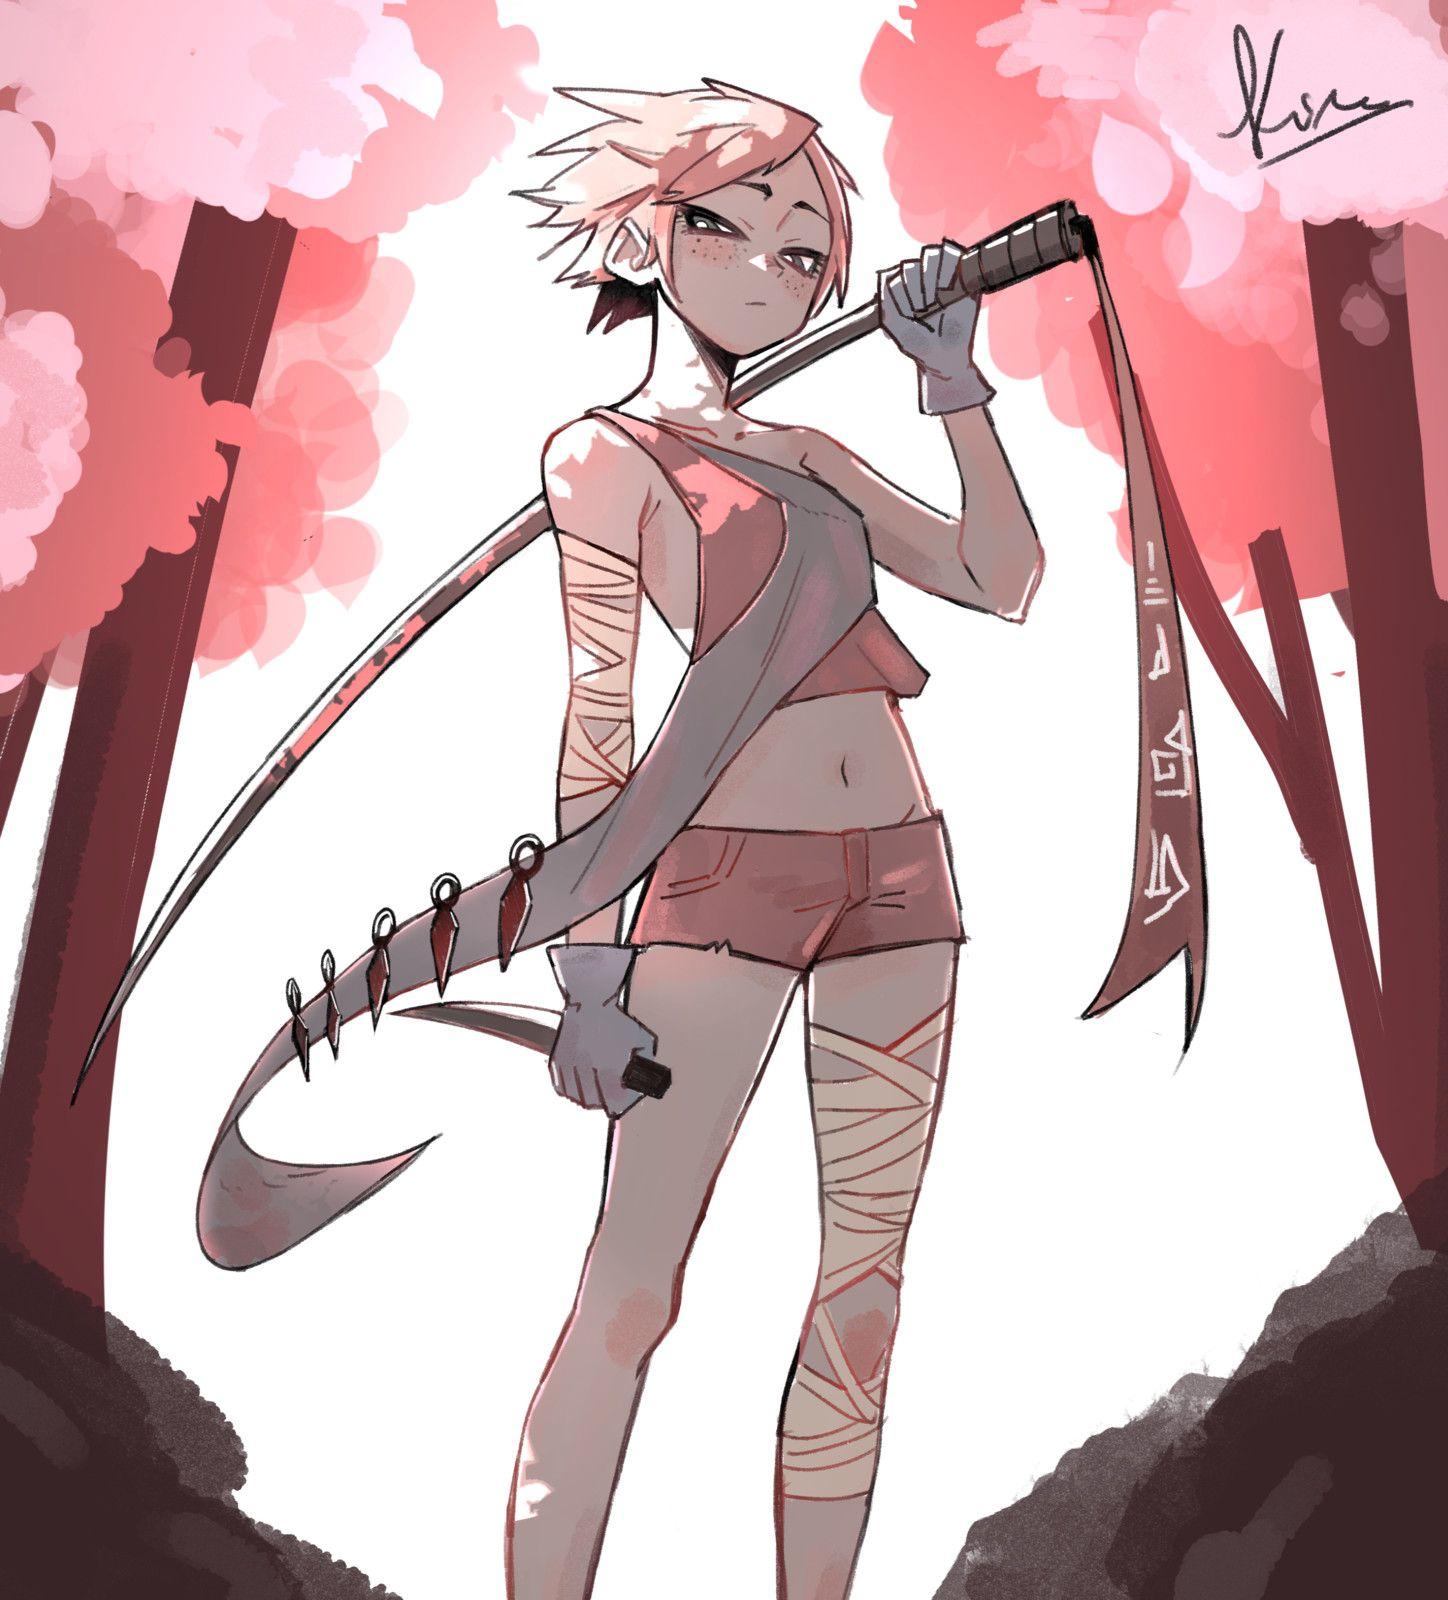 Pin by Nefty Martinez on Dark fantasy art Anime